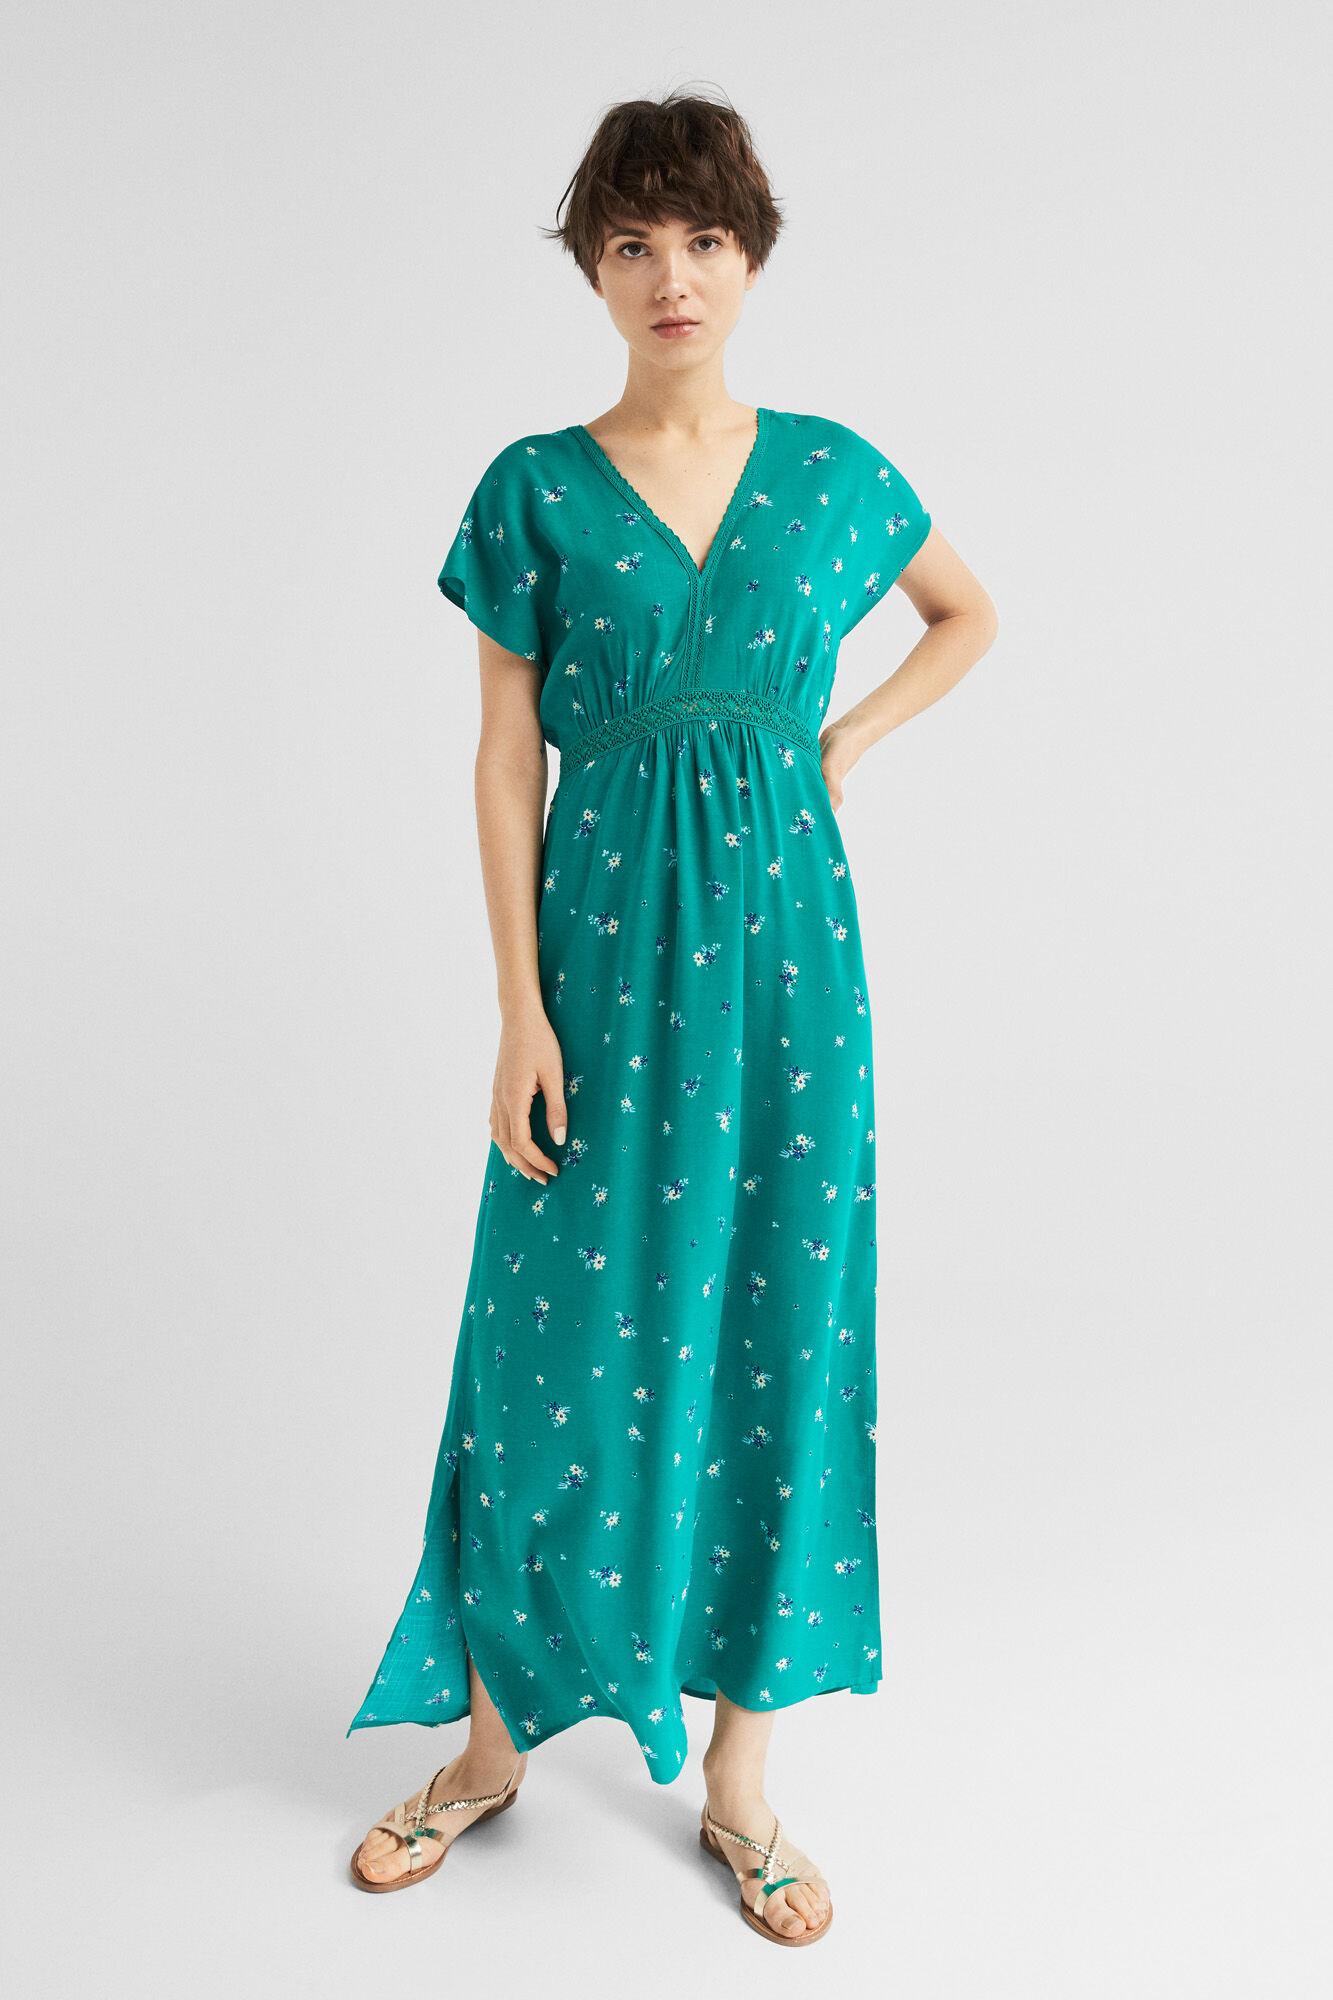 Vestidos formales verde agua